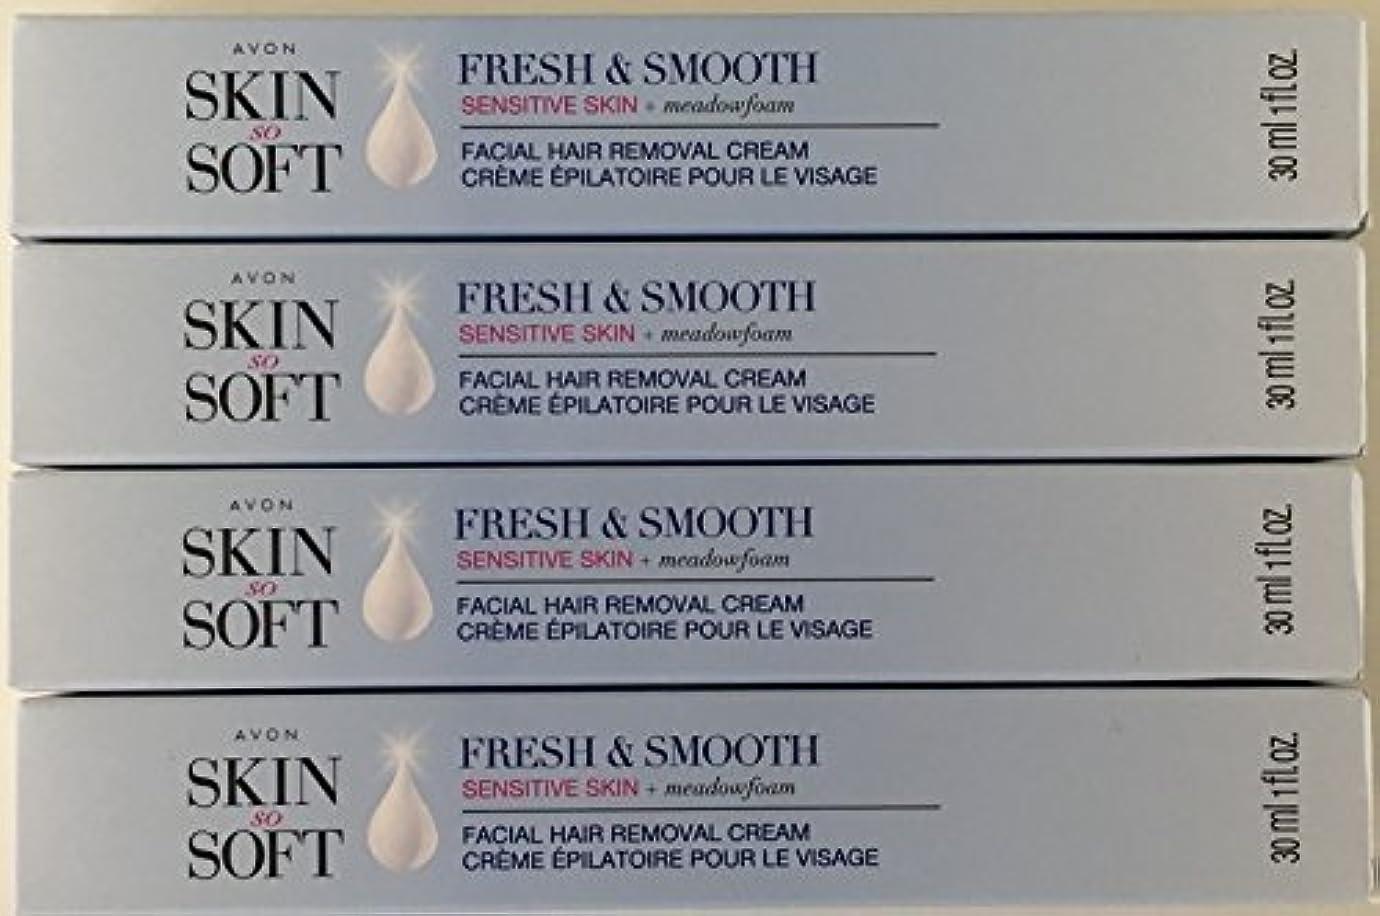 真夜中何よりもリーンAvon Skin so Soft Fresh & Smooth Sensitive Skin Facial Hair Removal Cream 1 oz Each. A Lot of 4 [並行輸入品]